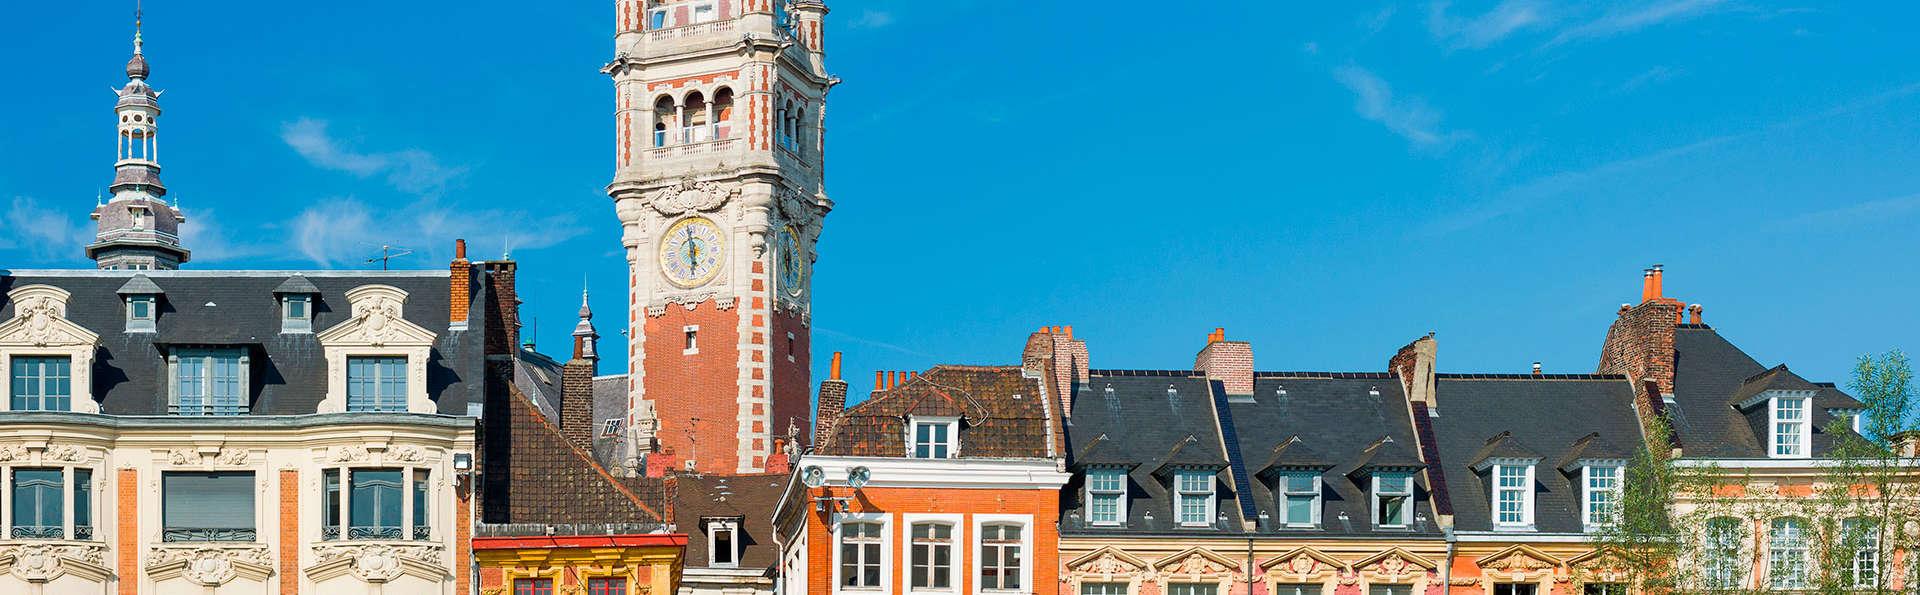 Mercure Lille Centre Vieux Lille - EDIT_lile.jpg